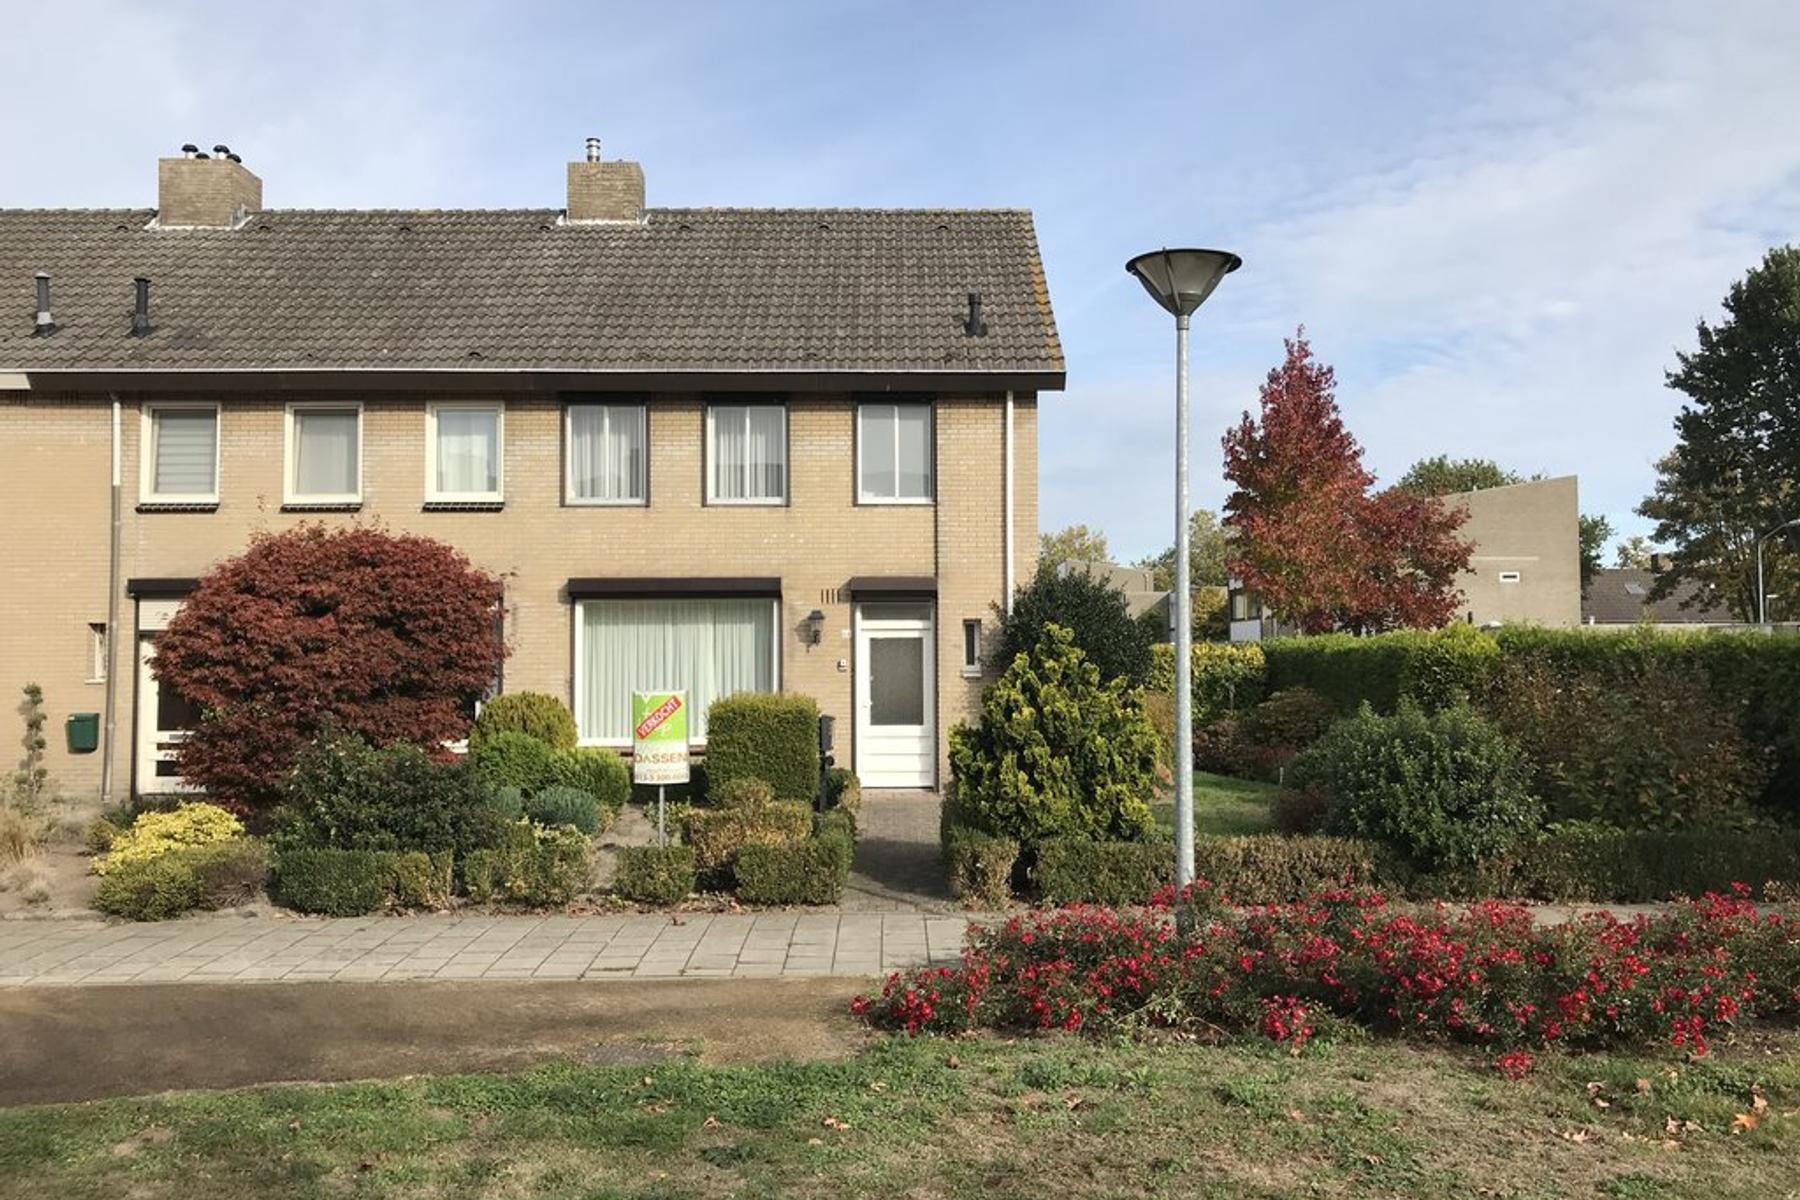 Costerman Boodtstraat 84 in Goirle 5051 WE